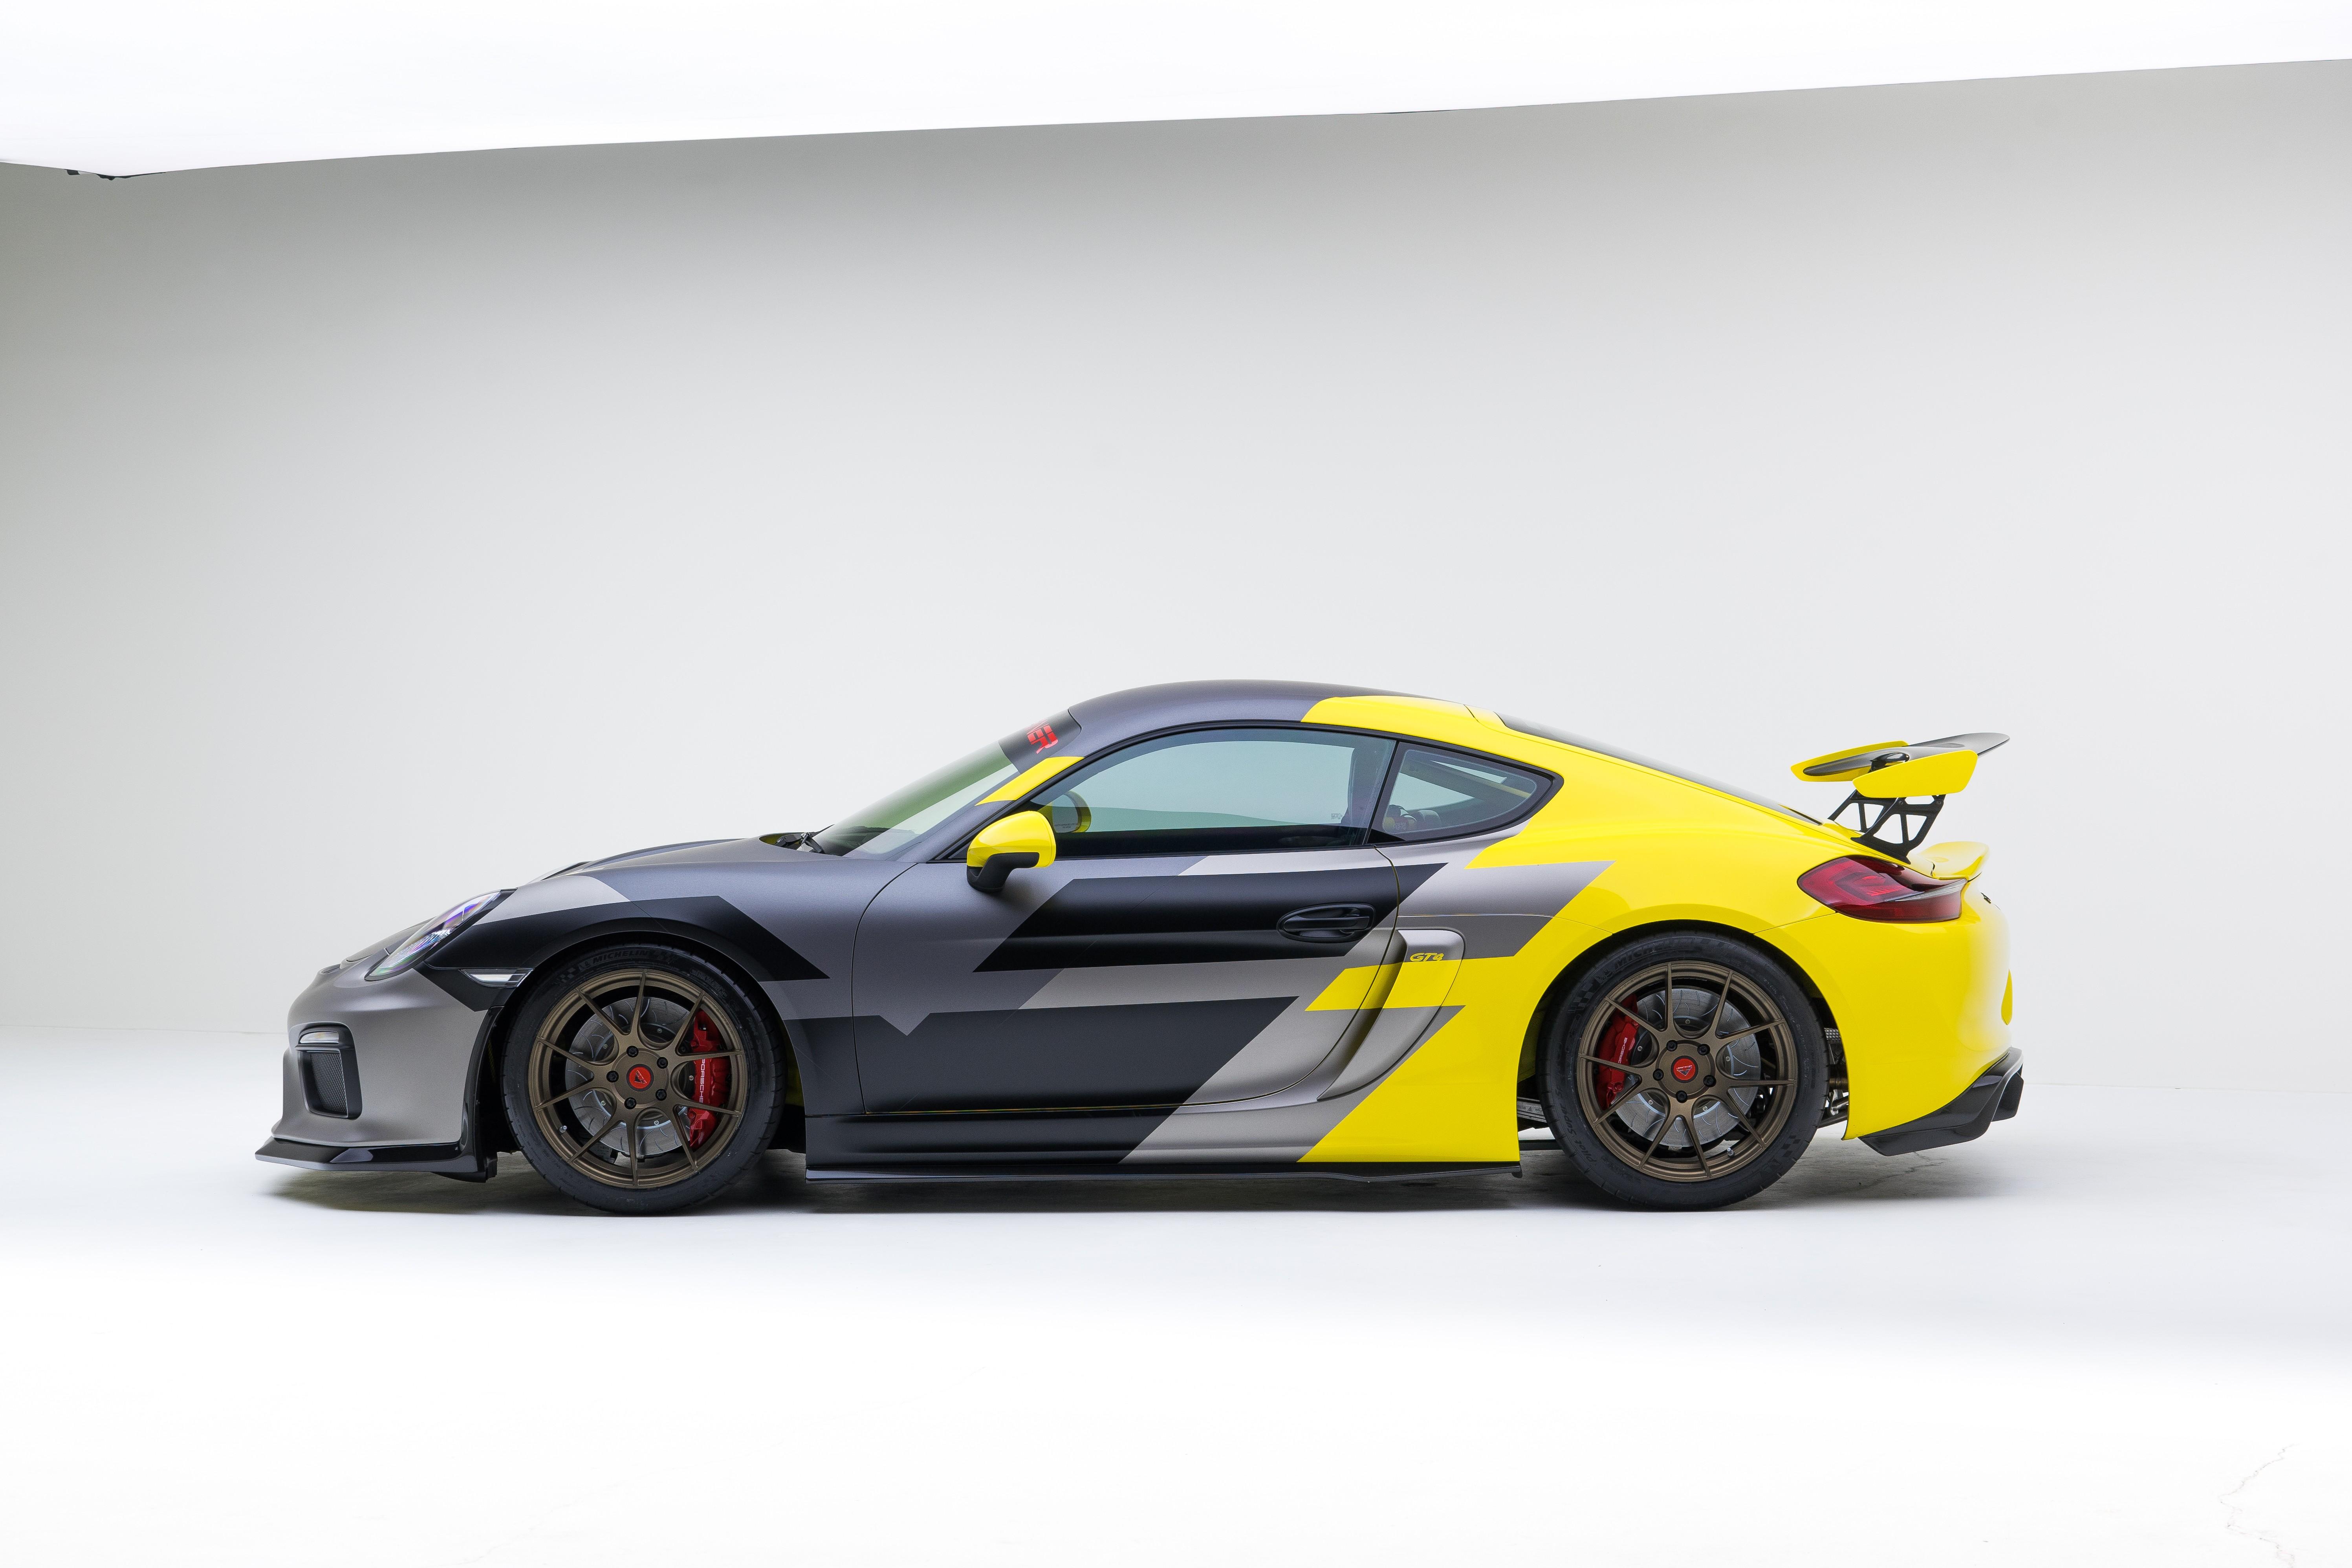 Wallpaper Porsche Cayman Gt4 Vorsteiner Tuning Sport Car